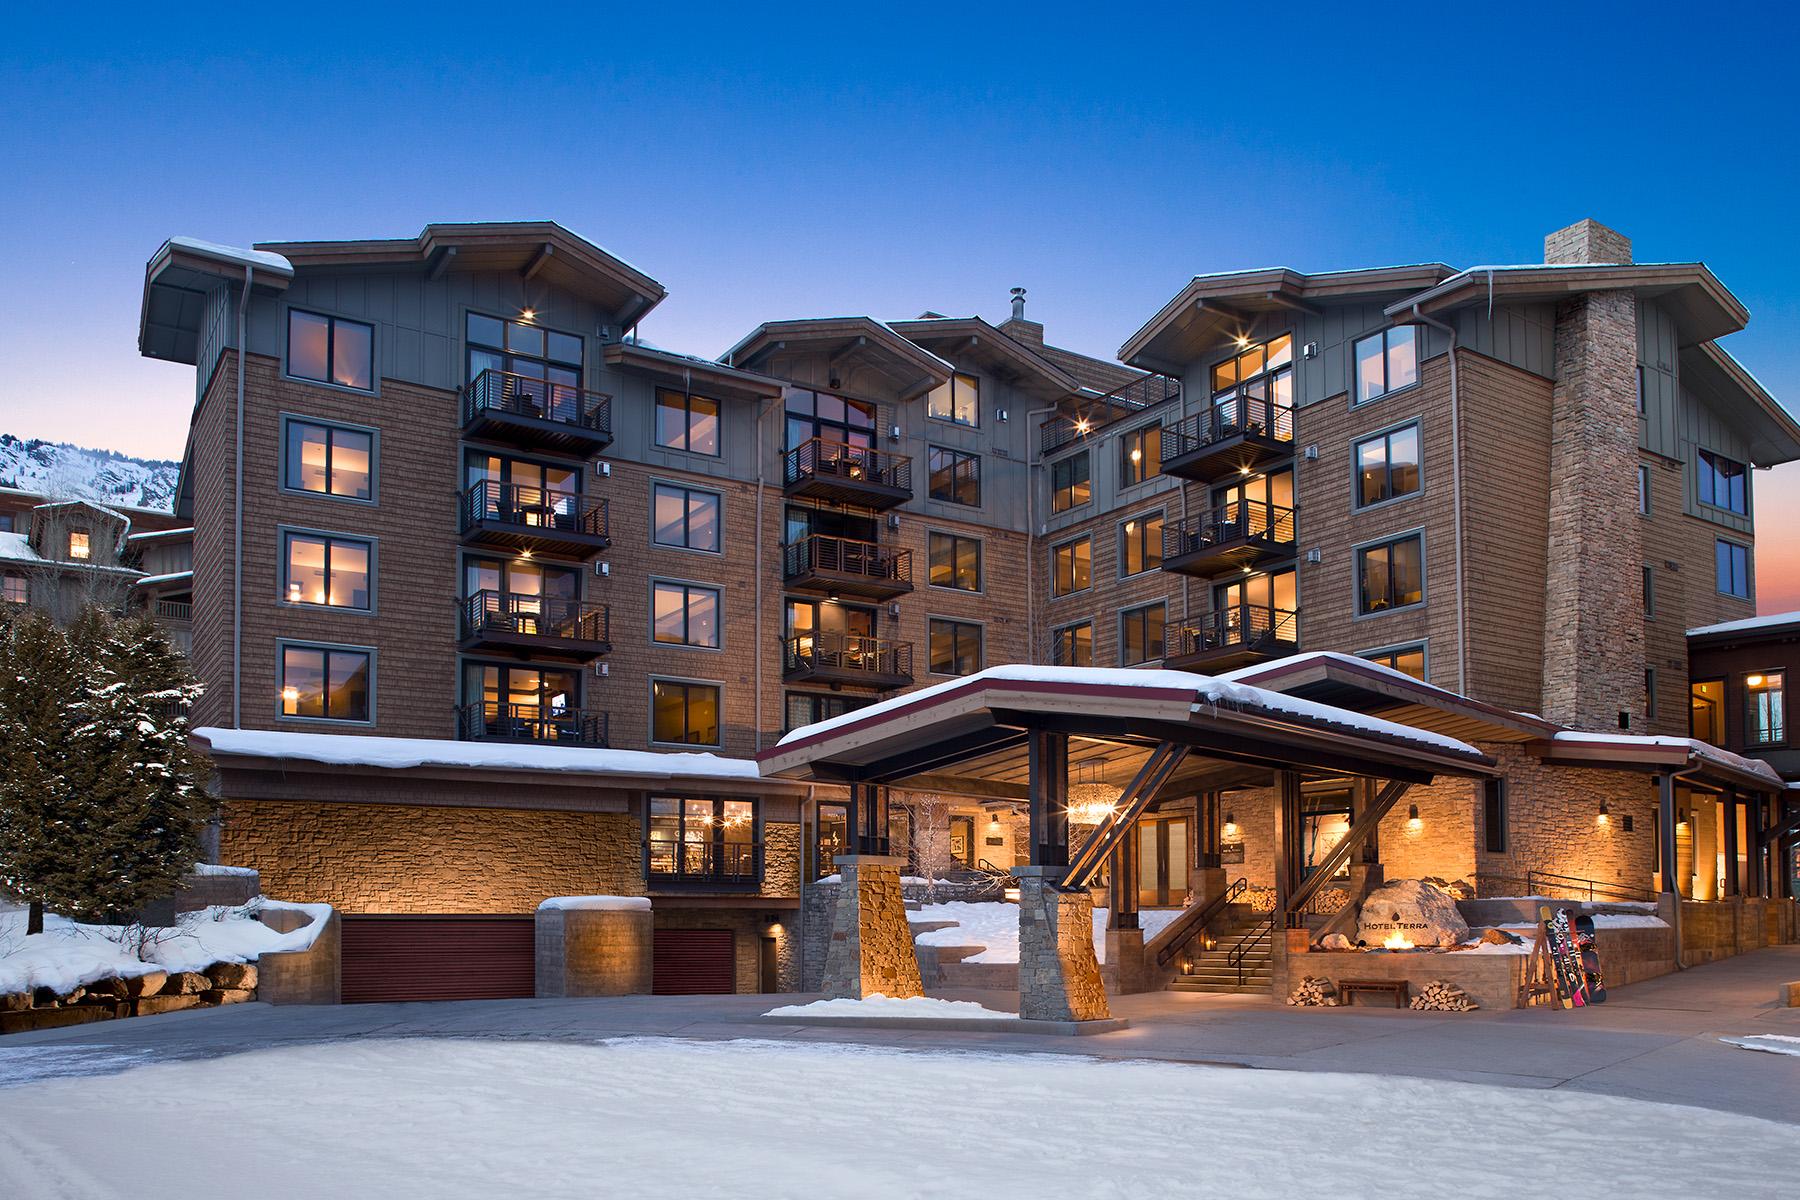 Кондоминиум для того Продажа на Mountain Side Hotel Terra Two Bedroom 3335 W VILLAGE DR 204, Teton Village, Вайоминг, 83025 Jackson Hole, Соединенные Штаты